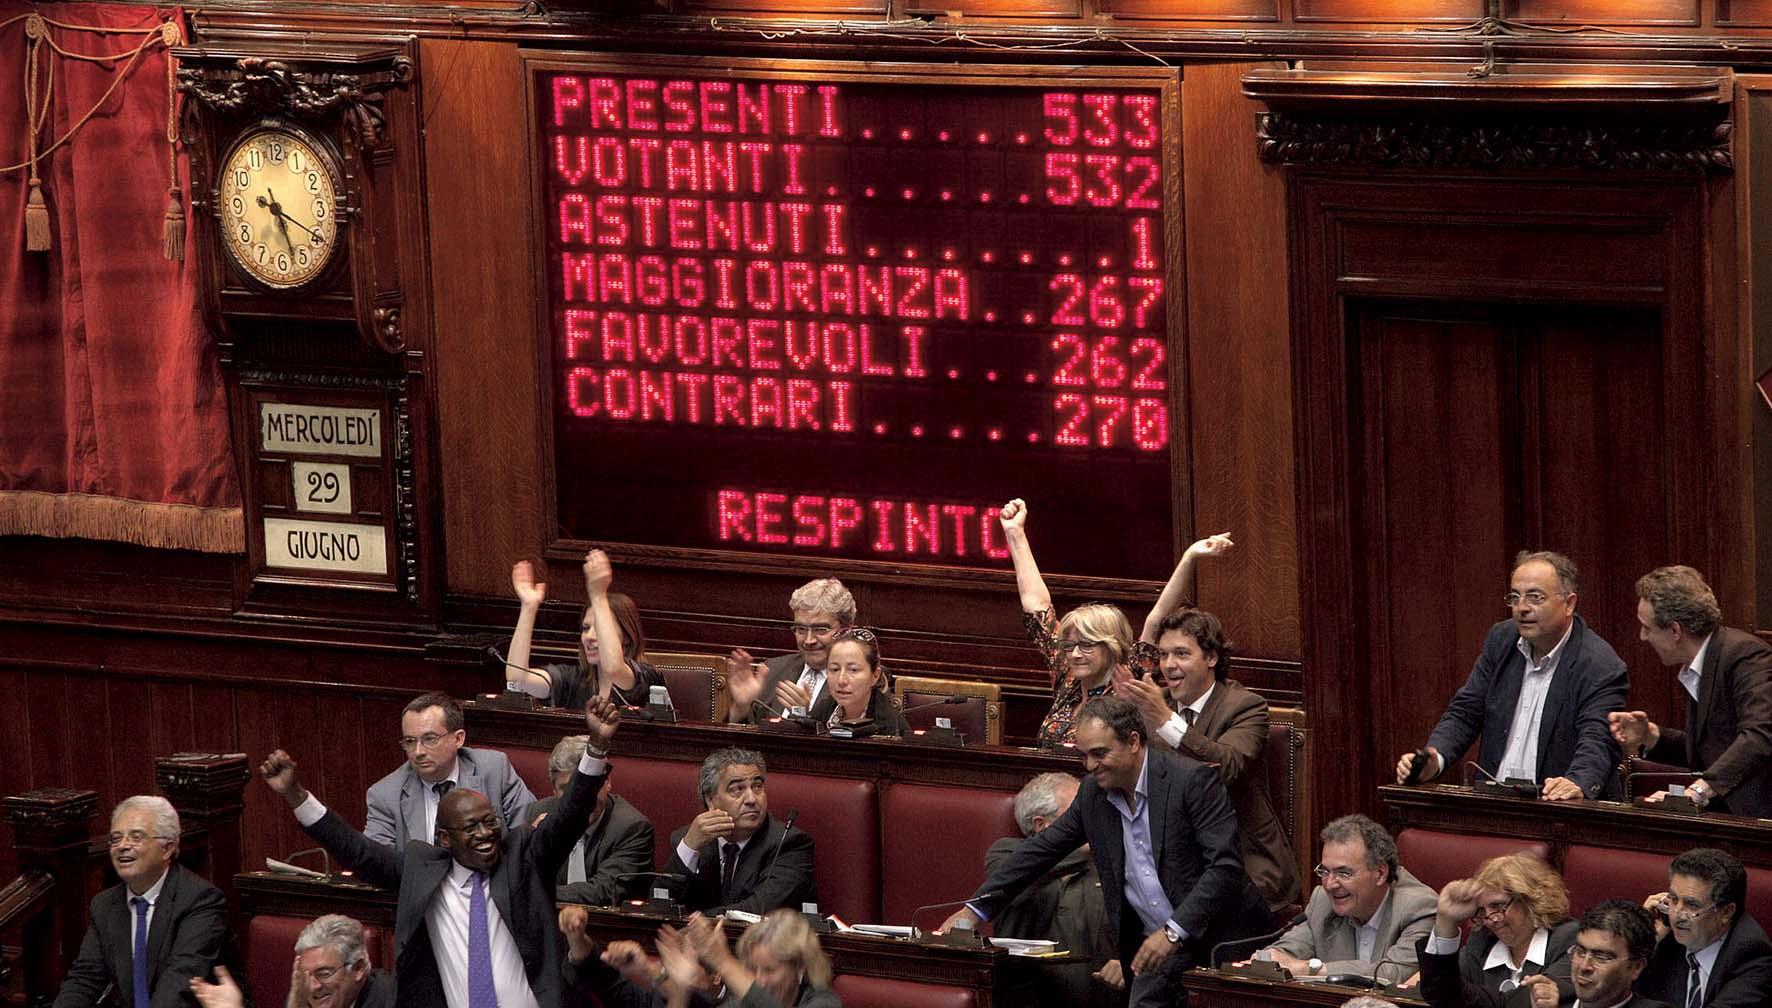 parlamento seduta camera deputati votazione